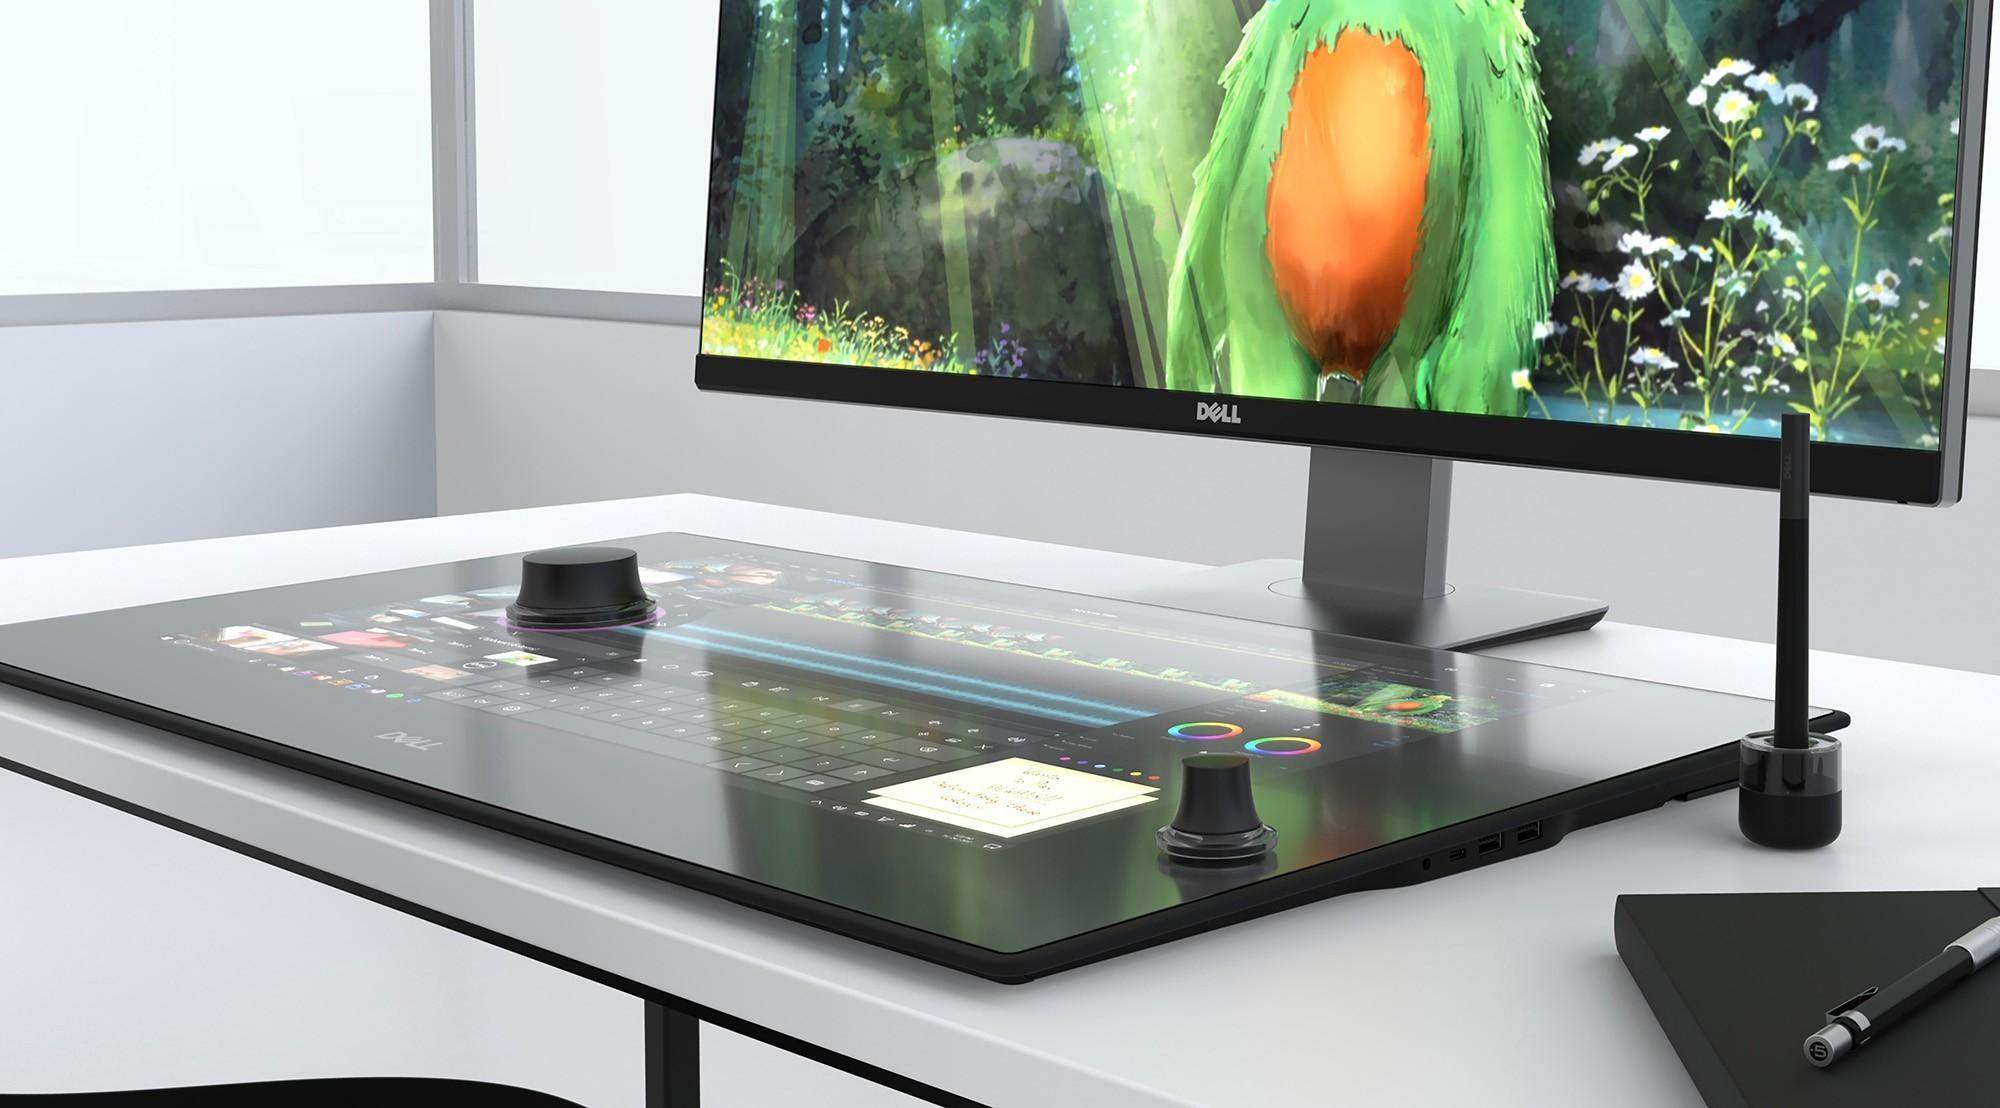 Dell UltraSharp UP2718Q là một trong những màn hình hiếm hoi trên thị trường bao phủ 100% dải màu RGB. Với kích thước lớn, độ phân giải cao và sự chính xác về màu sắc, đây là sản phẩm nắm đến các nhà thiết kế chuyên nghiệp, dùng trong công nghiệp in ấn, hoặc xử lý ảnh/phim.